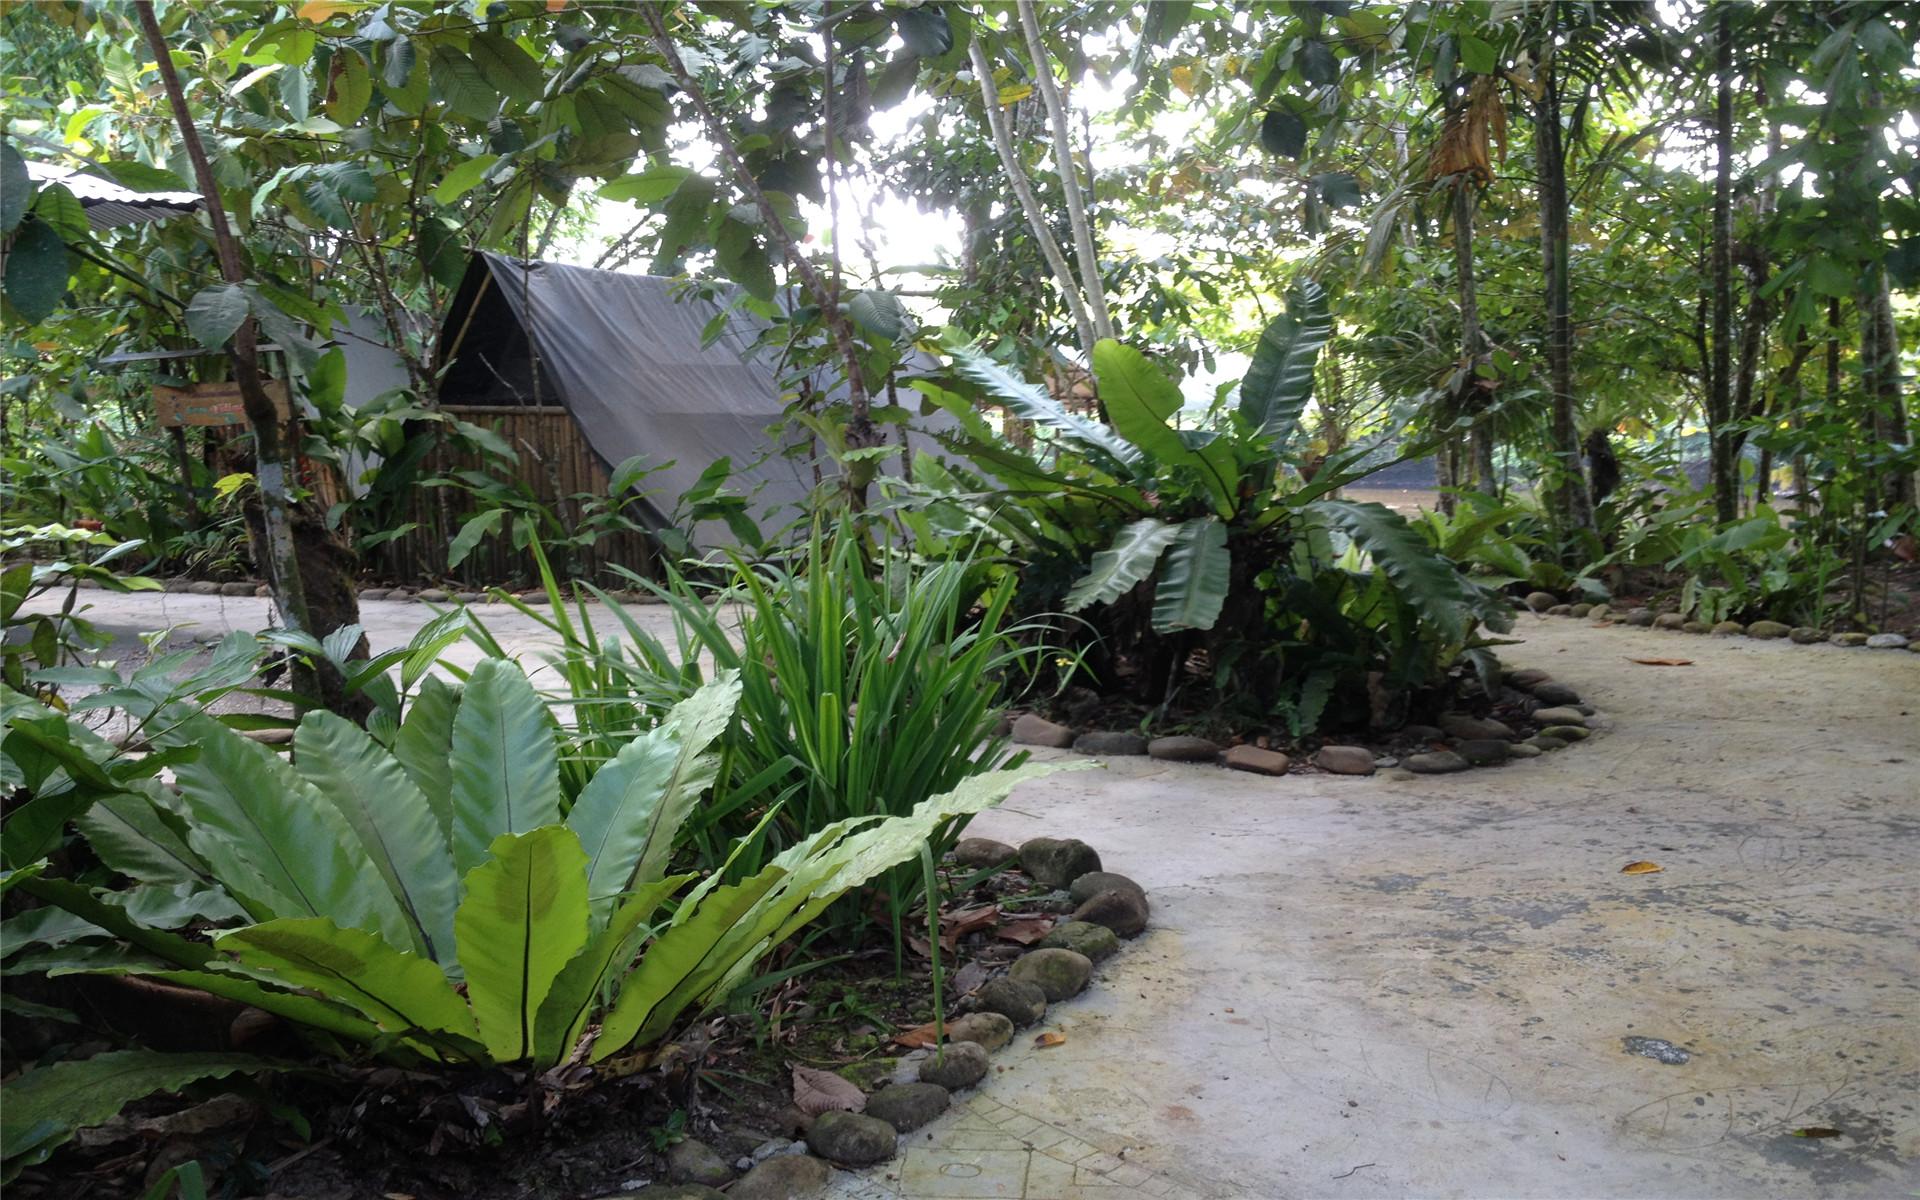 Sumbiling Eco Village